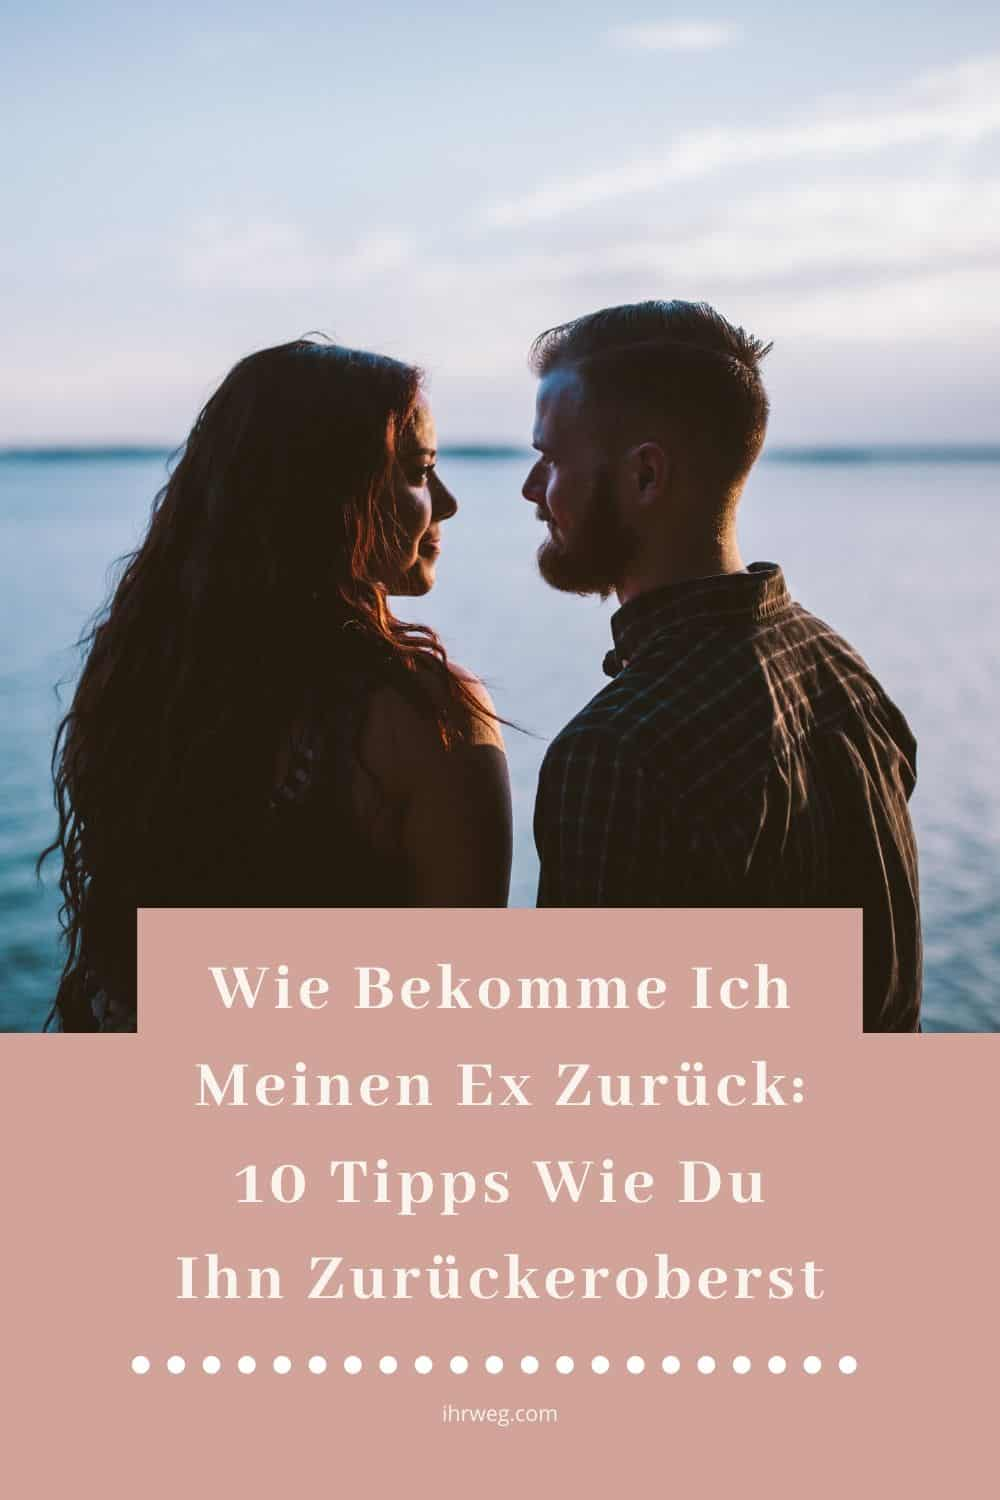 Wie Bekomme Ich Meinen Ex Zurück 10 Tipps Wie Du Ihn Zurückeroberst